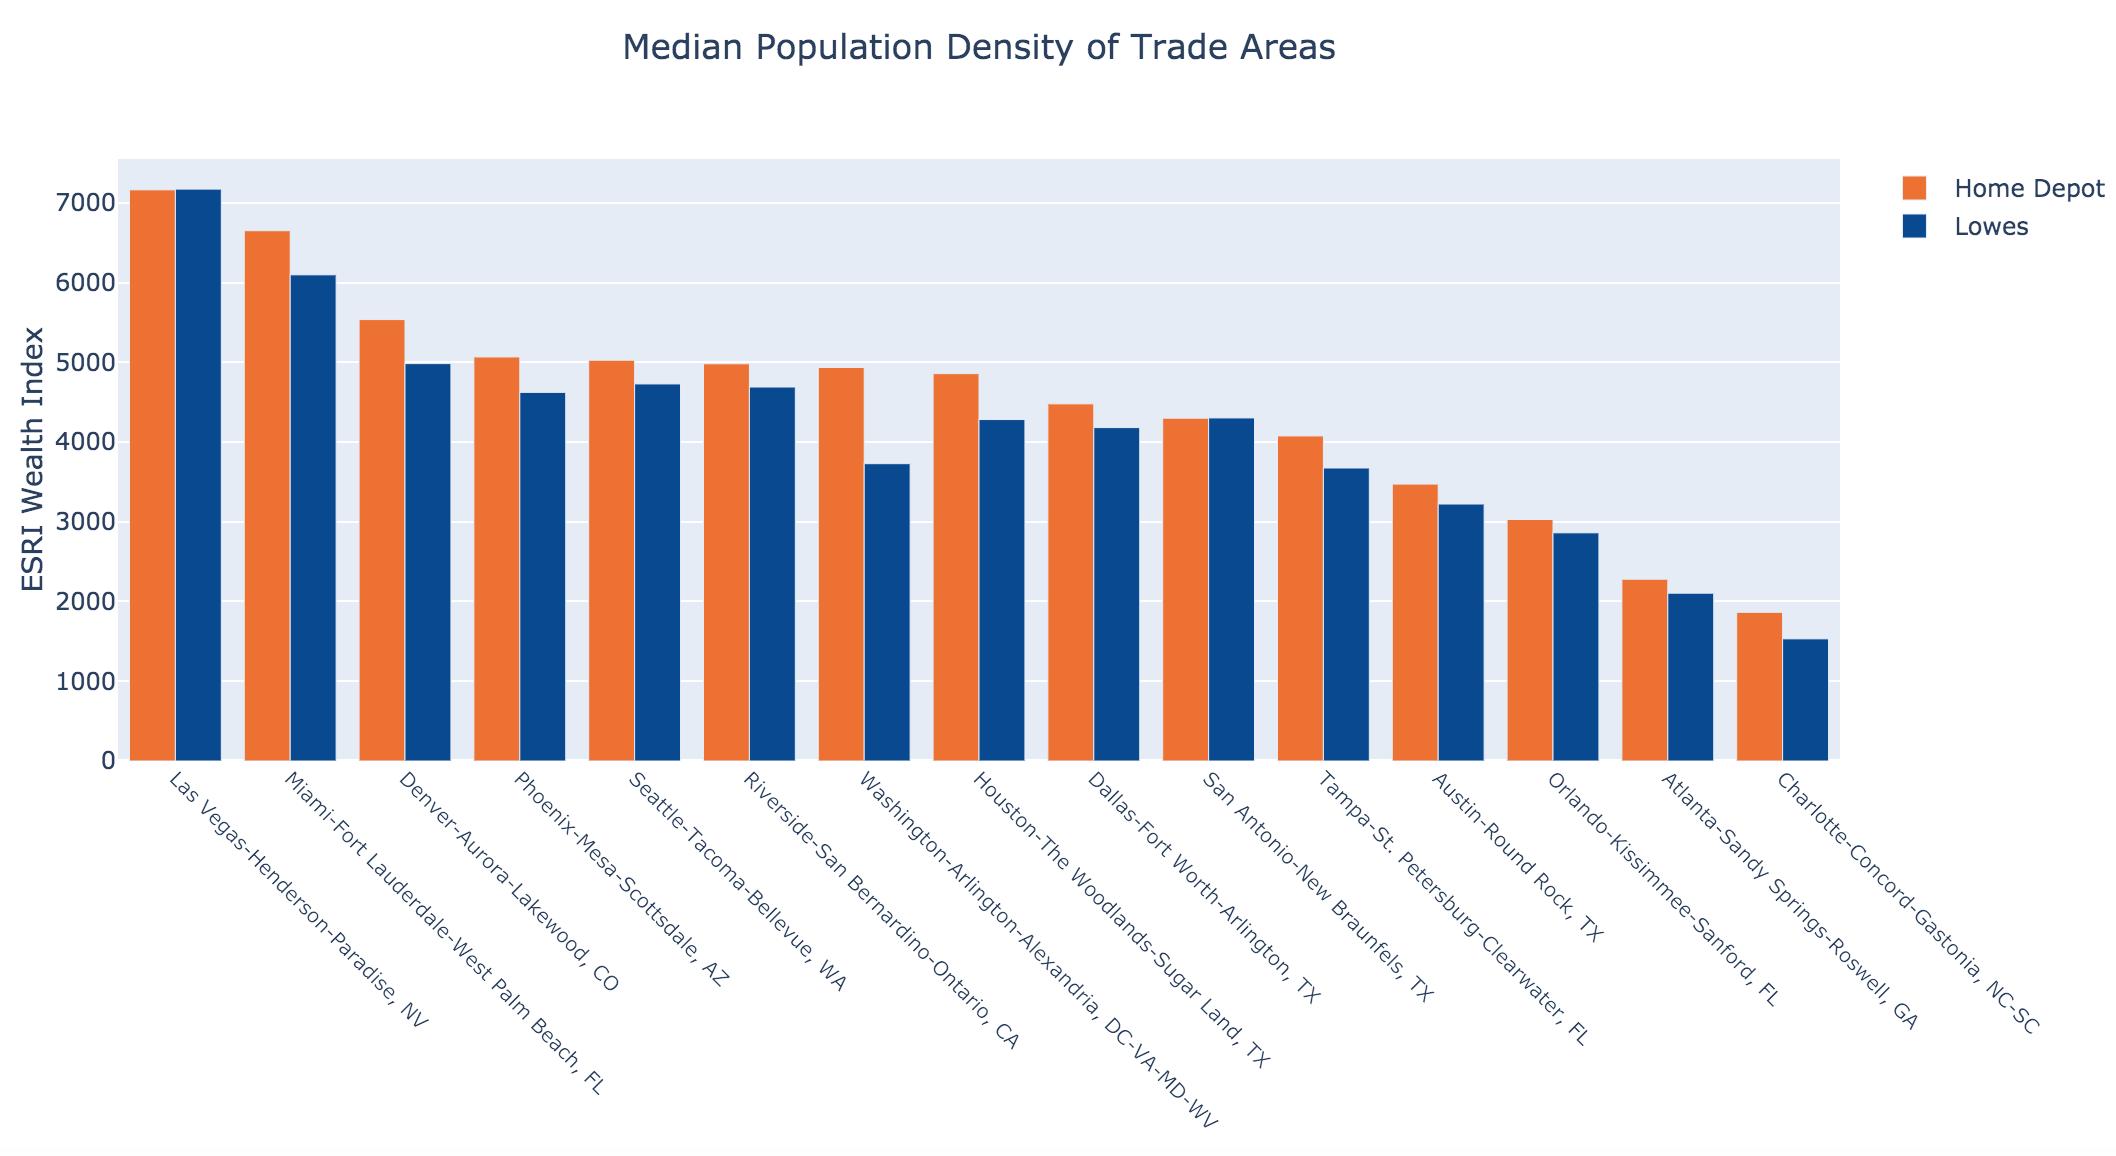 Median Population Density of Trade Areas